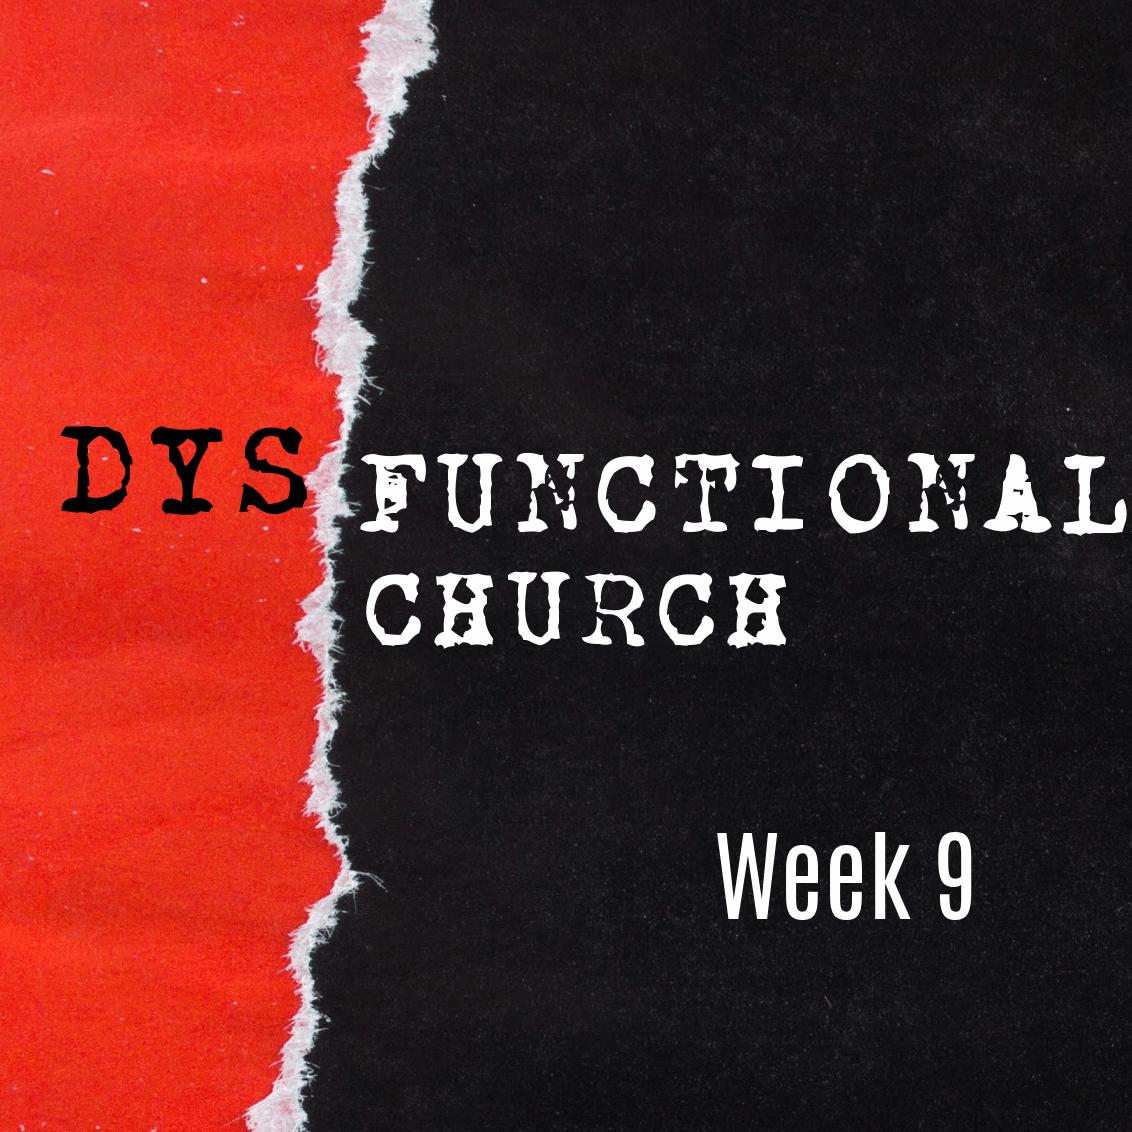 Dysfunctional Church – Week 9